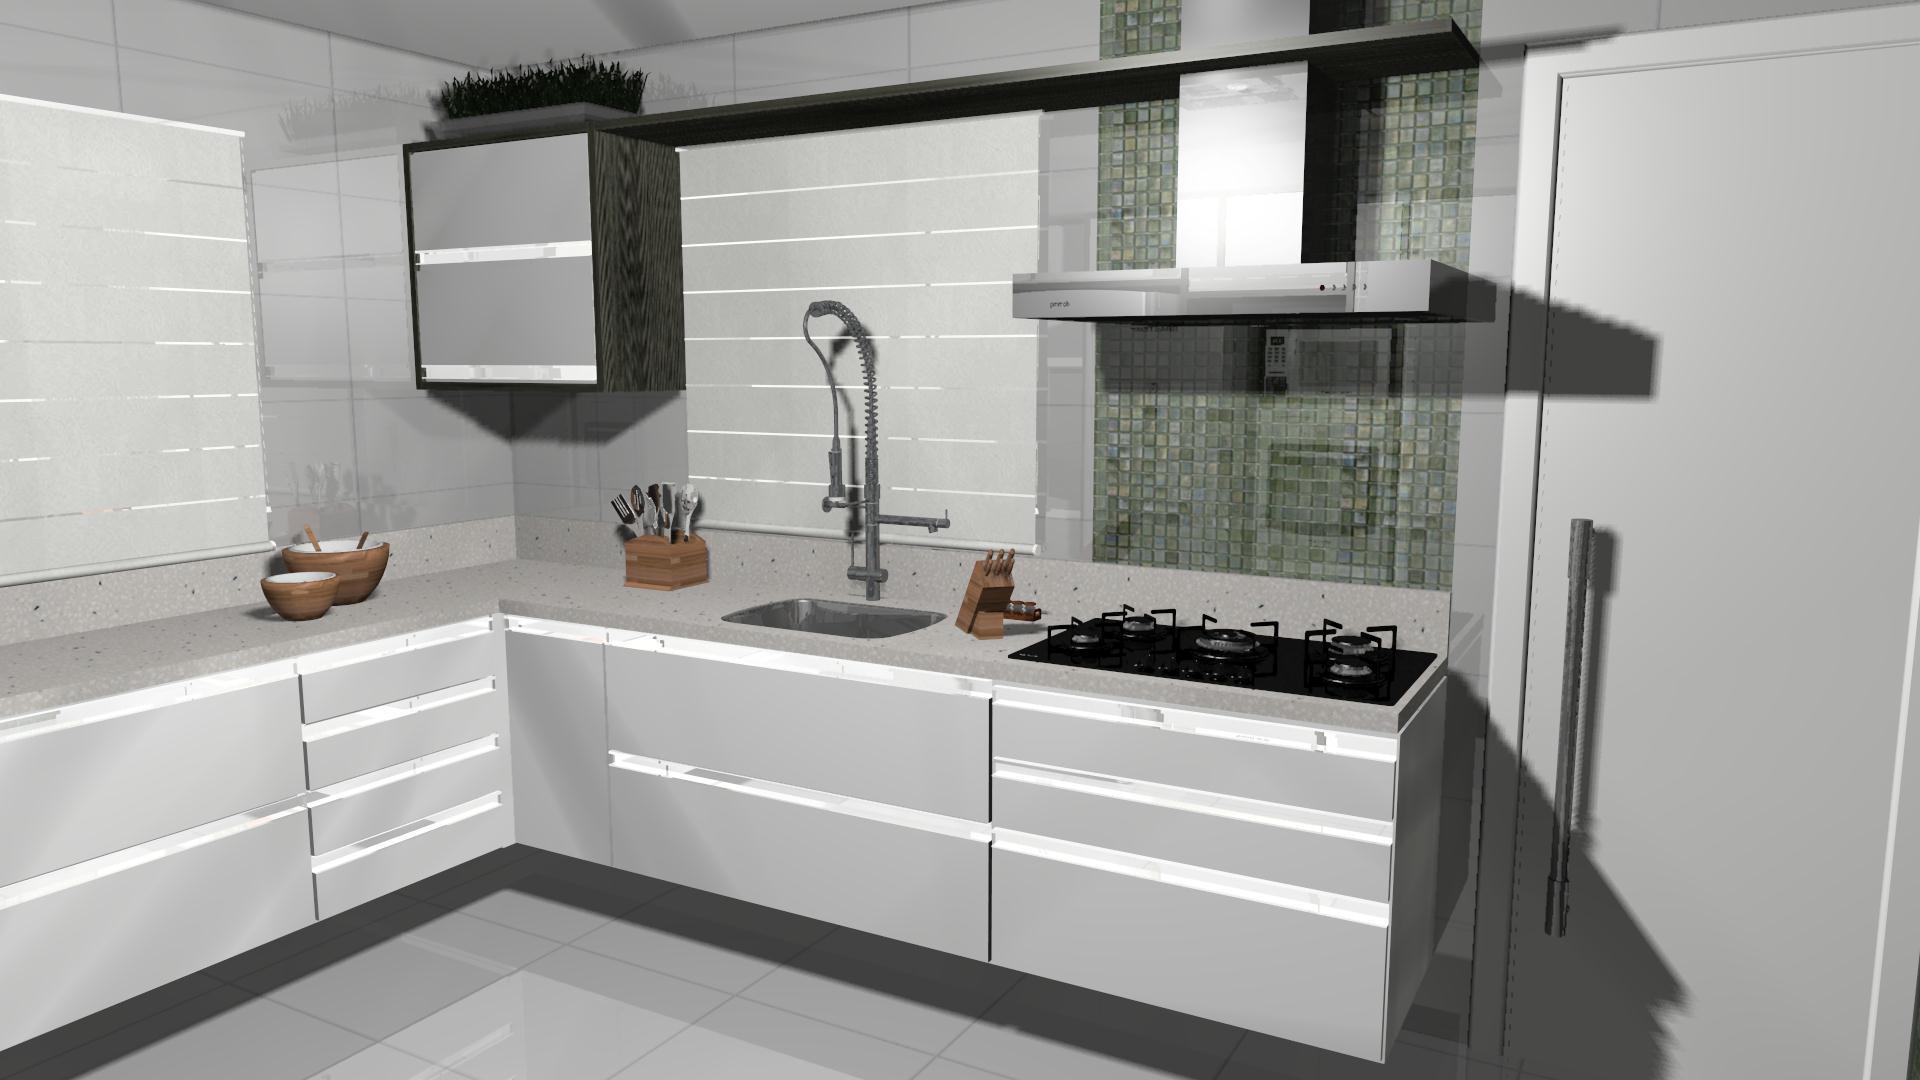 #674C38 Projeto – Cozinha Prática – Cecilia Seabra 1920x1080 px Projeto Cozinha Sp #2699 imagens